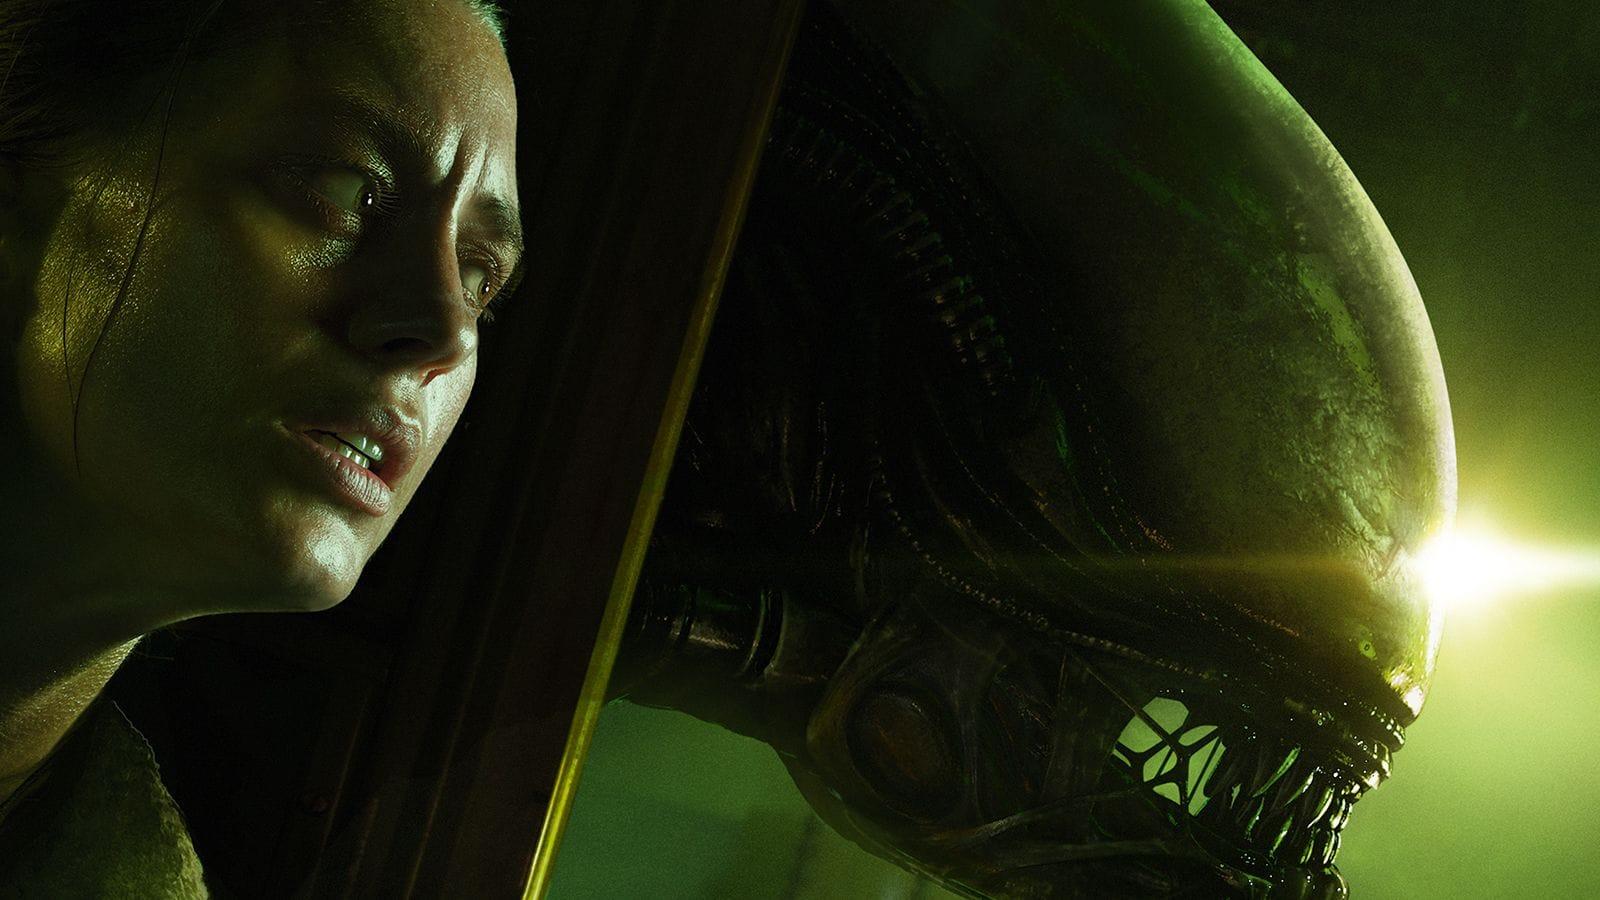 Wann Zeigen Sich Die Aliens